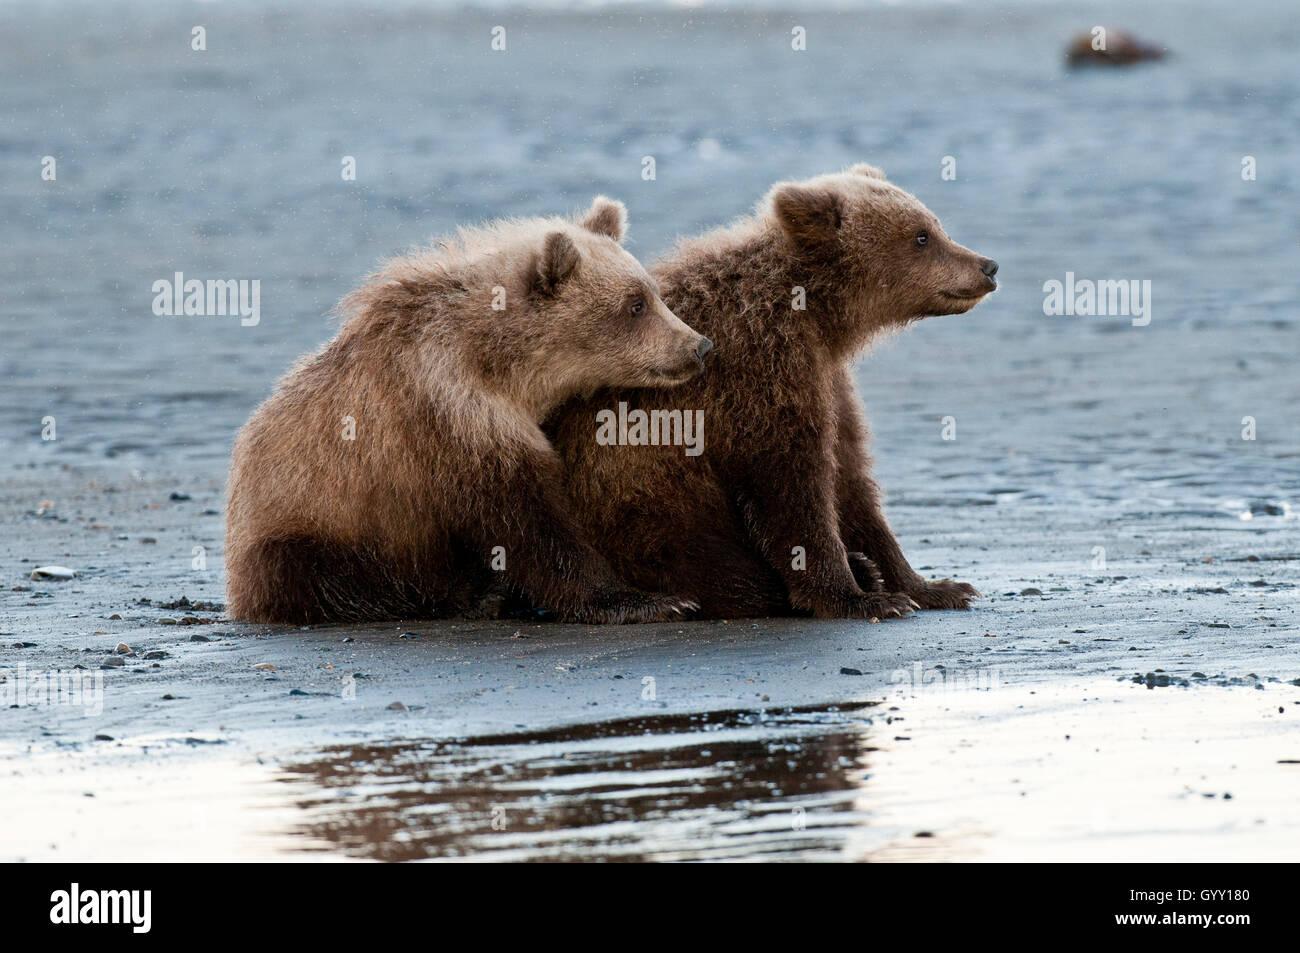 Crías de oso pardo (Ursus arctos) en el plano de marea en el Parque Nacional Lake Clark, Alaska Foto de stock